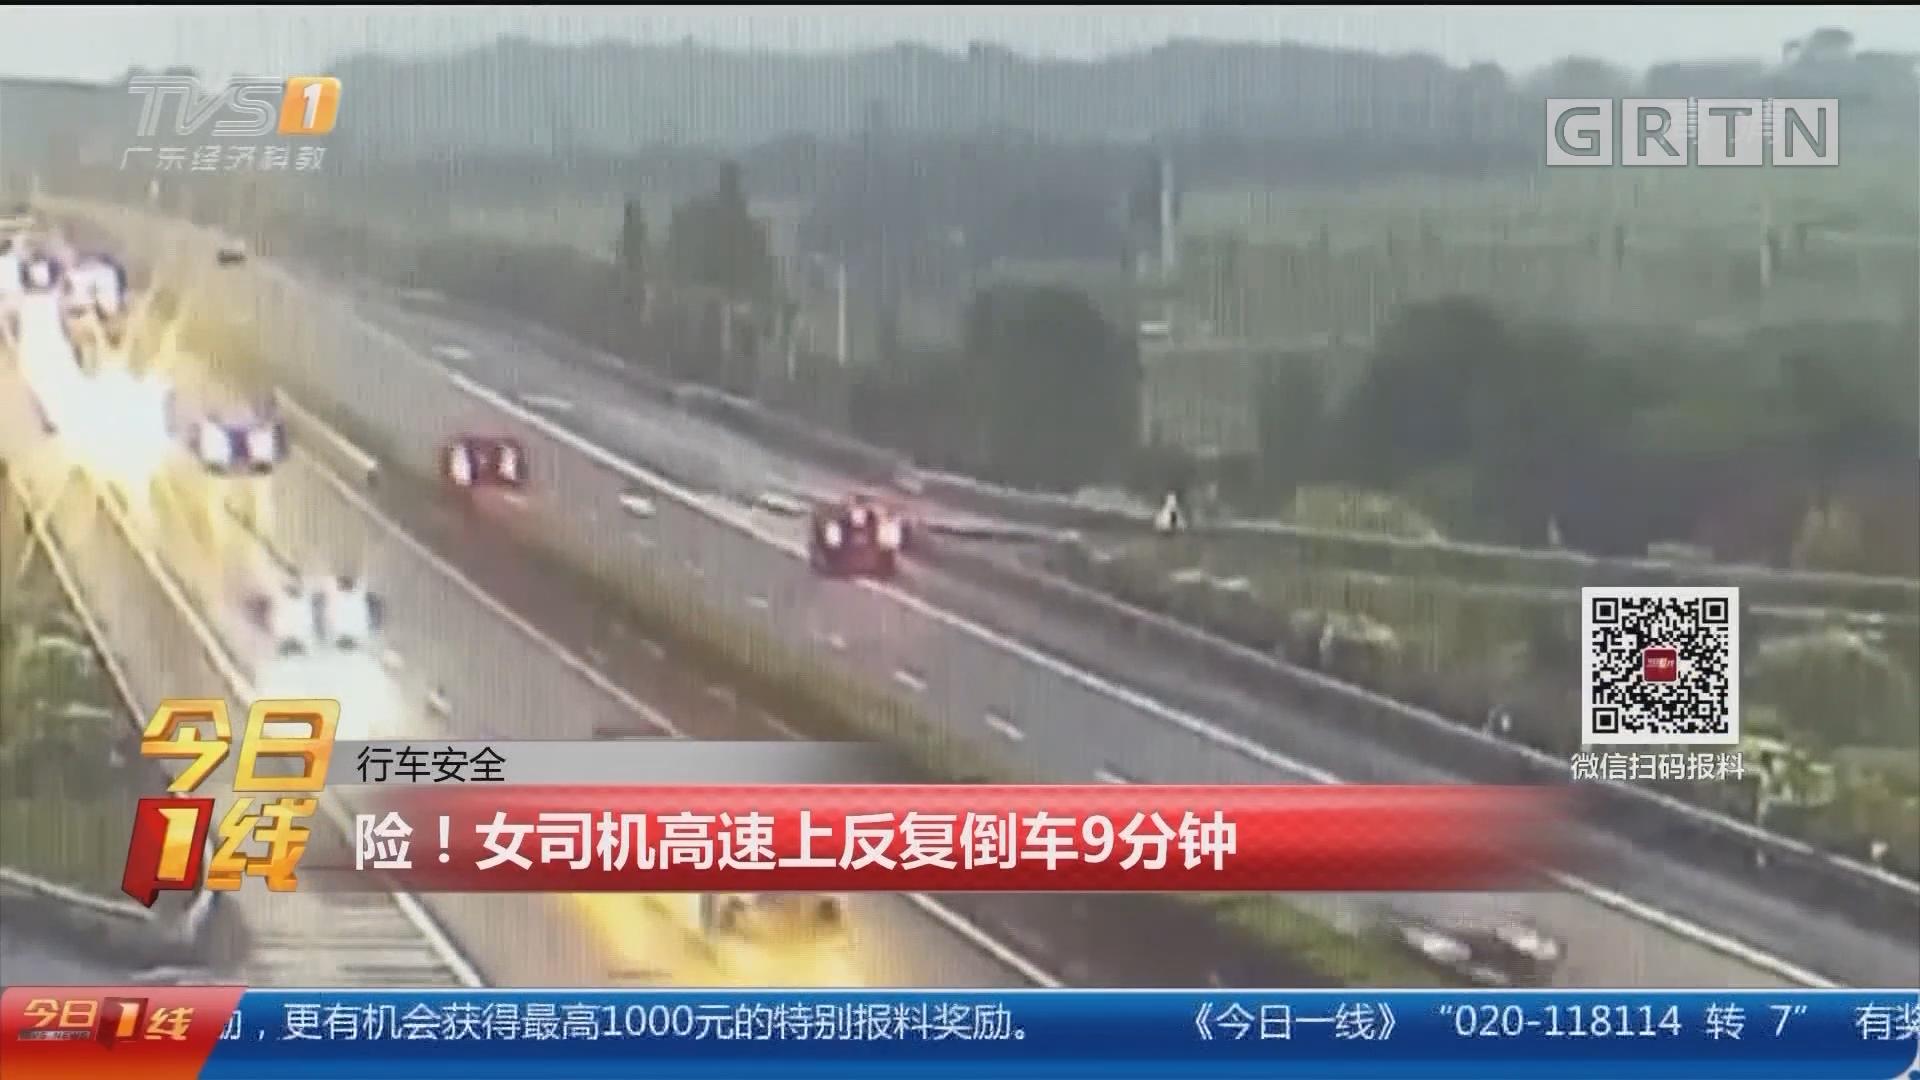 行车安全:险!女司机高速上反复倒车9分钟